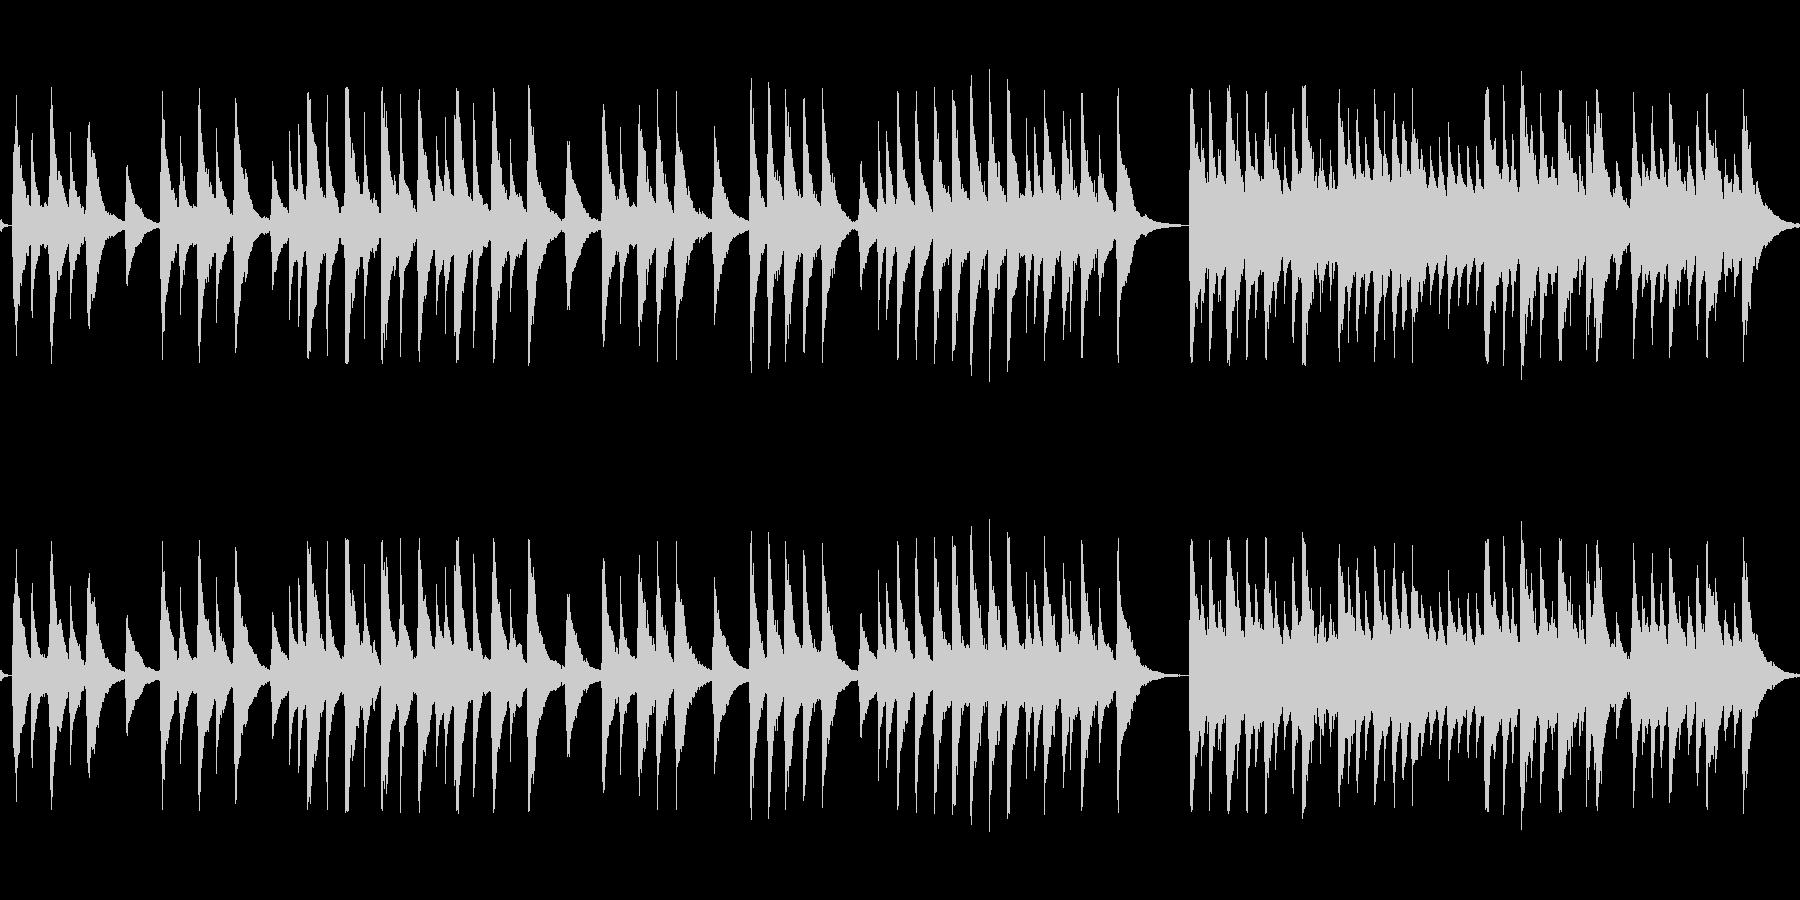 レトロなオルゴールの音色で感謝を伝えたいの未再生の波形